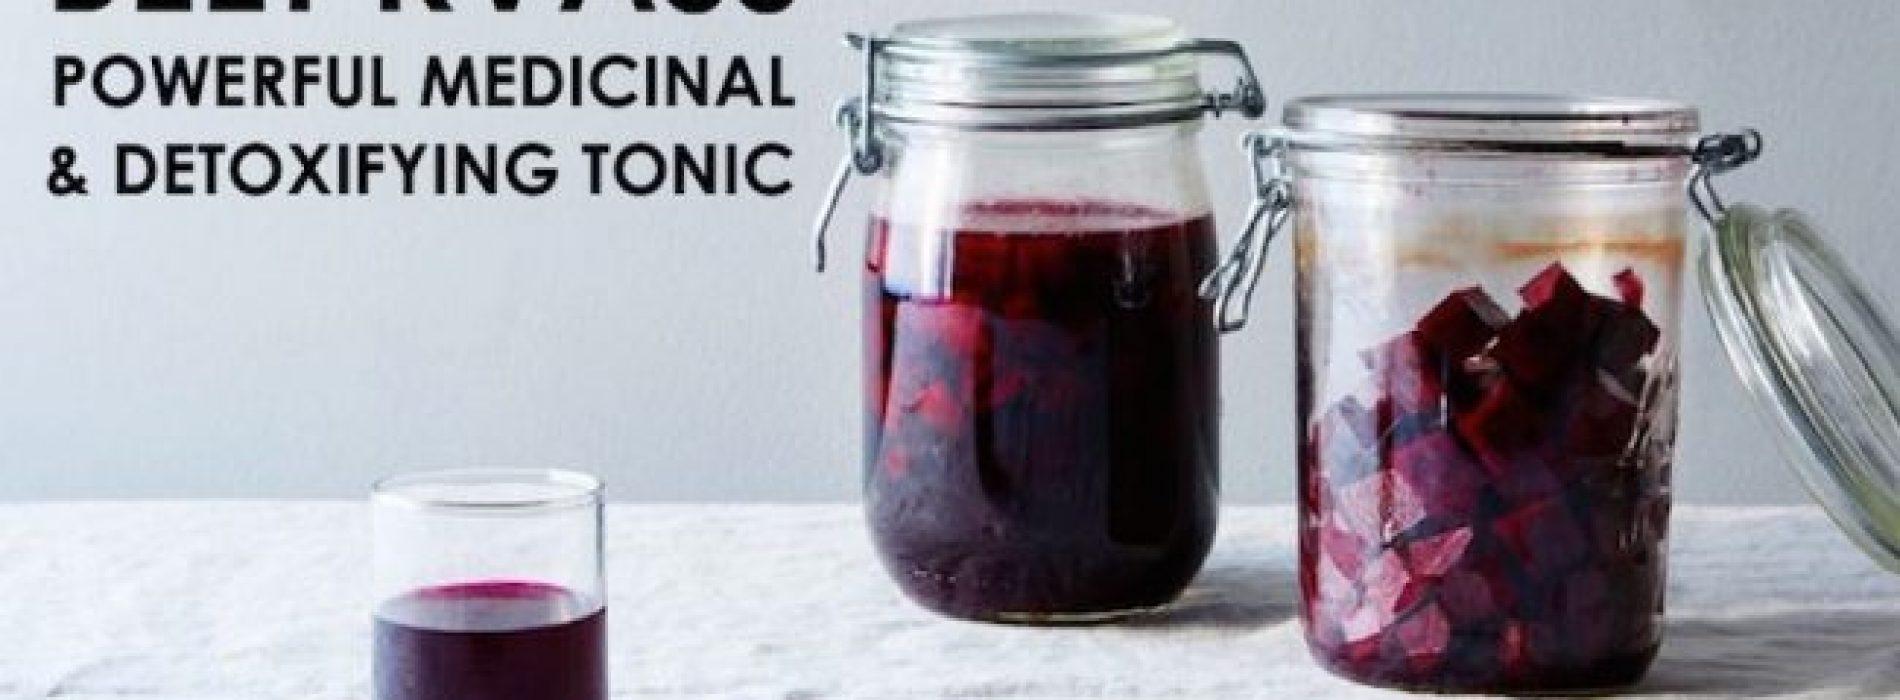 3-Ingredient Krachtige medicinale tonic die u kunt maken om uw lever en nieren te ontgiften